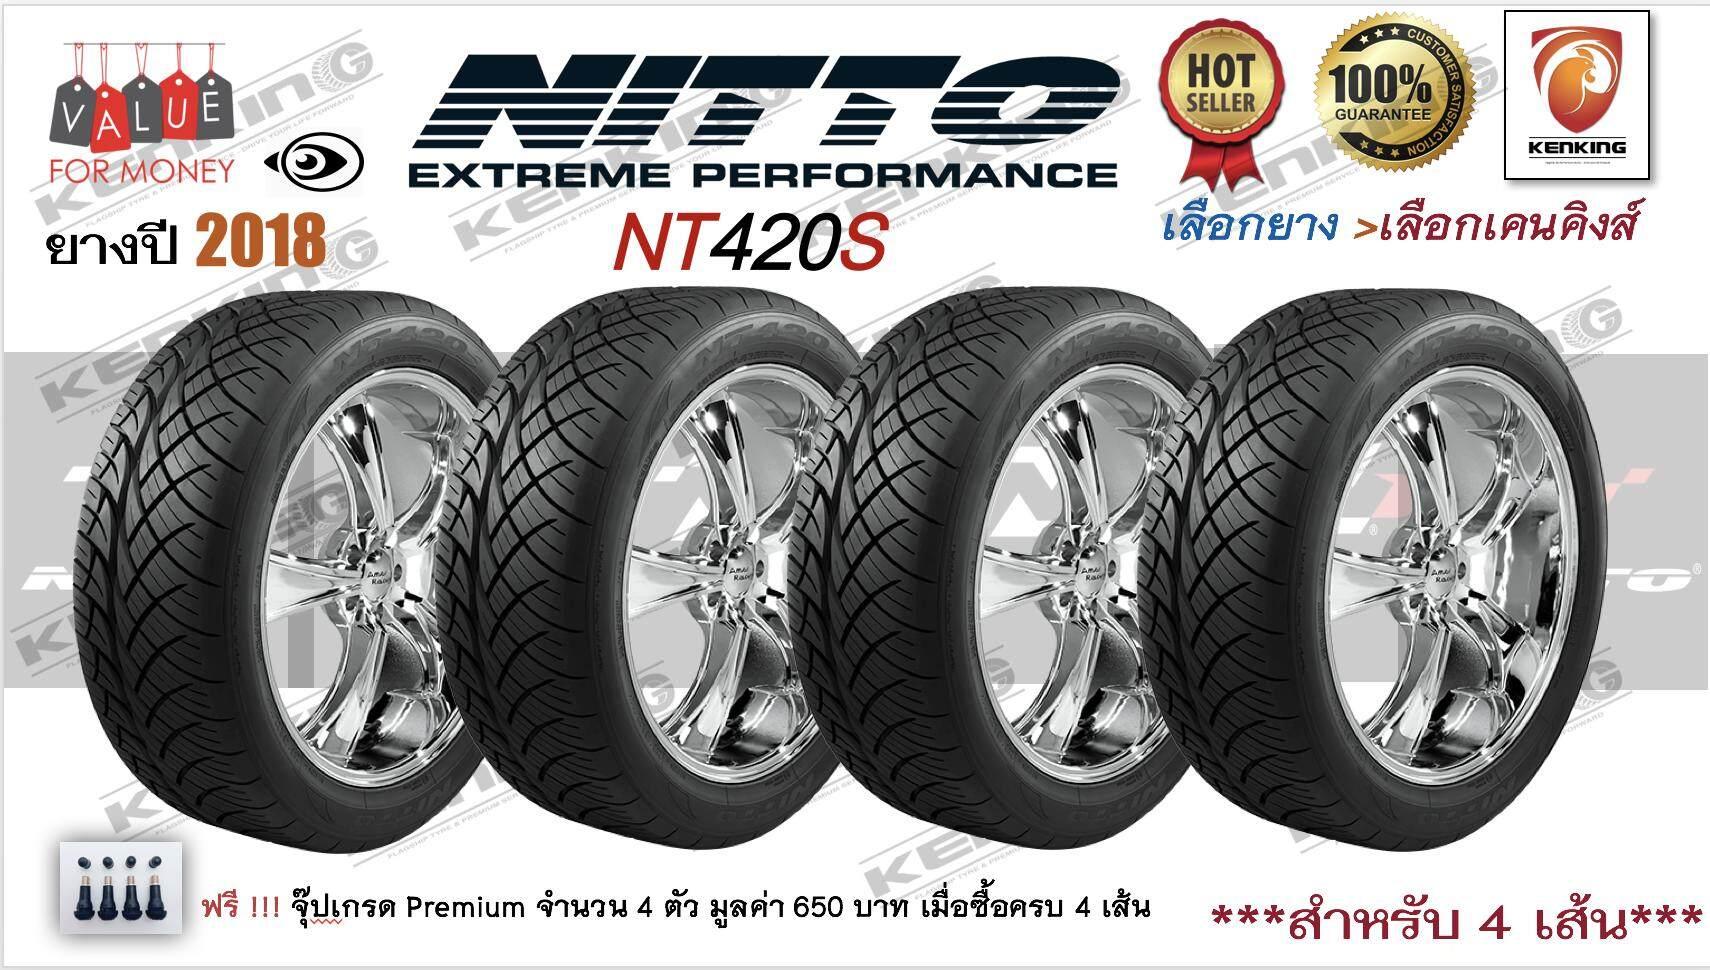 ประกันภัย รถยนต์ 2+ สิงห์บุรี ยางรถยนต์ Nitto 265/65 R17 รุ่น 420S (จำนวน 4 เส้น) ฟรี !! จุ๊ปยางเกรด Premium มูลค่า 650 บาท HOT HIT SELLER !!!